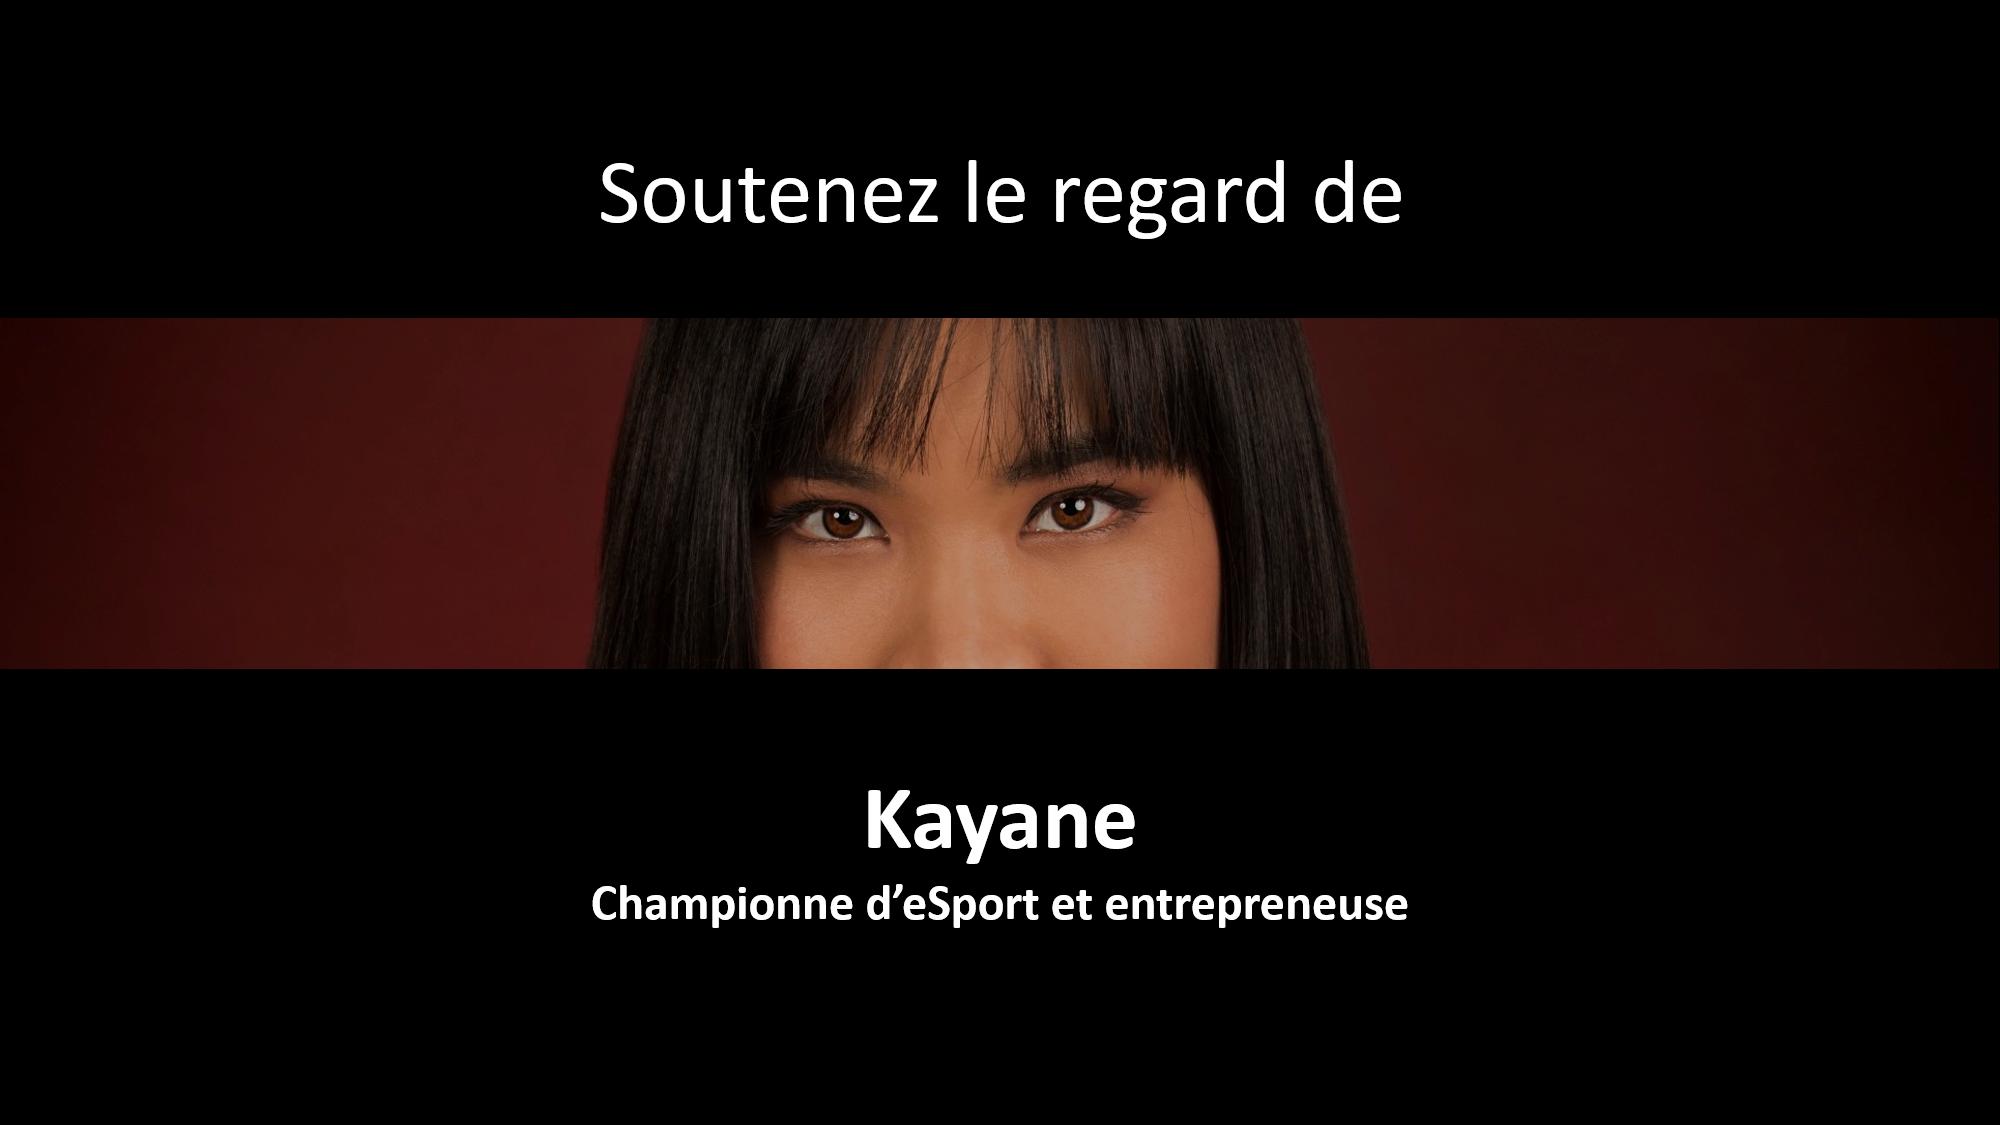 KayANE.png